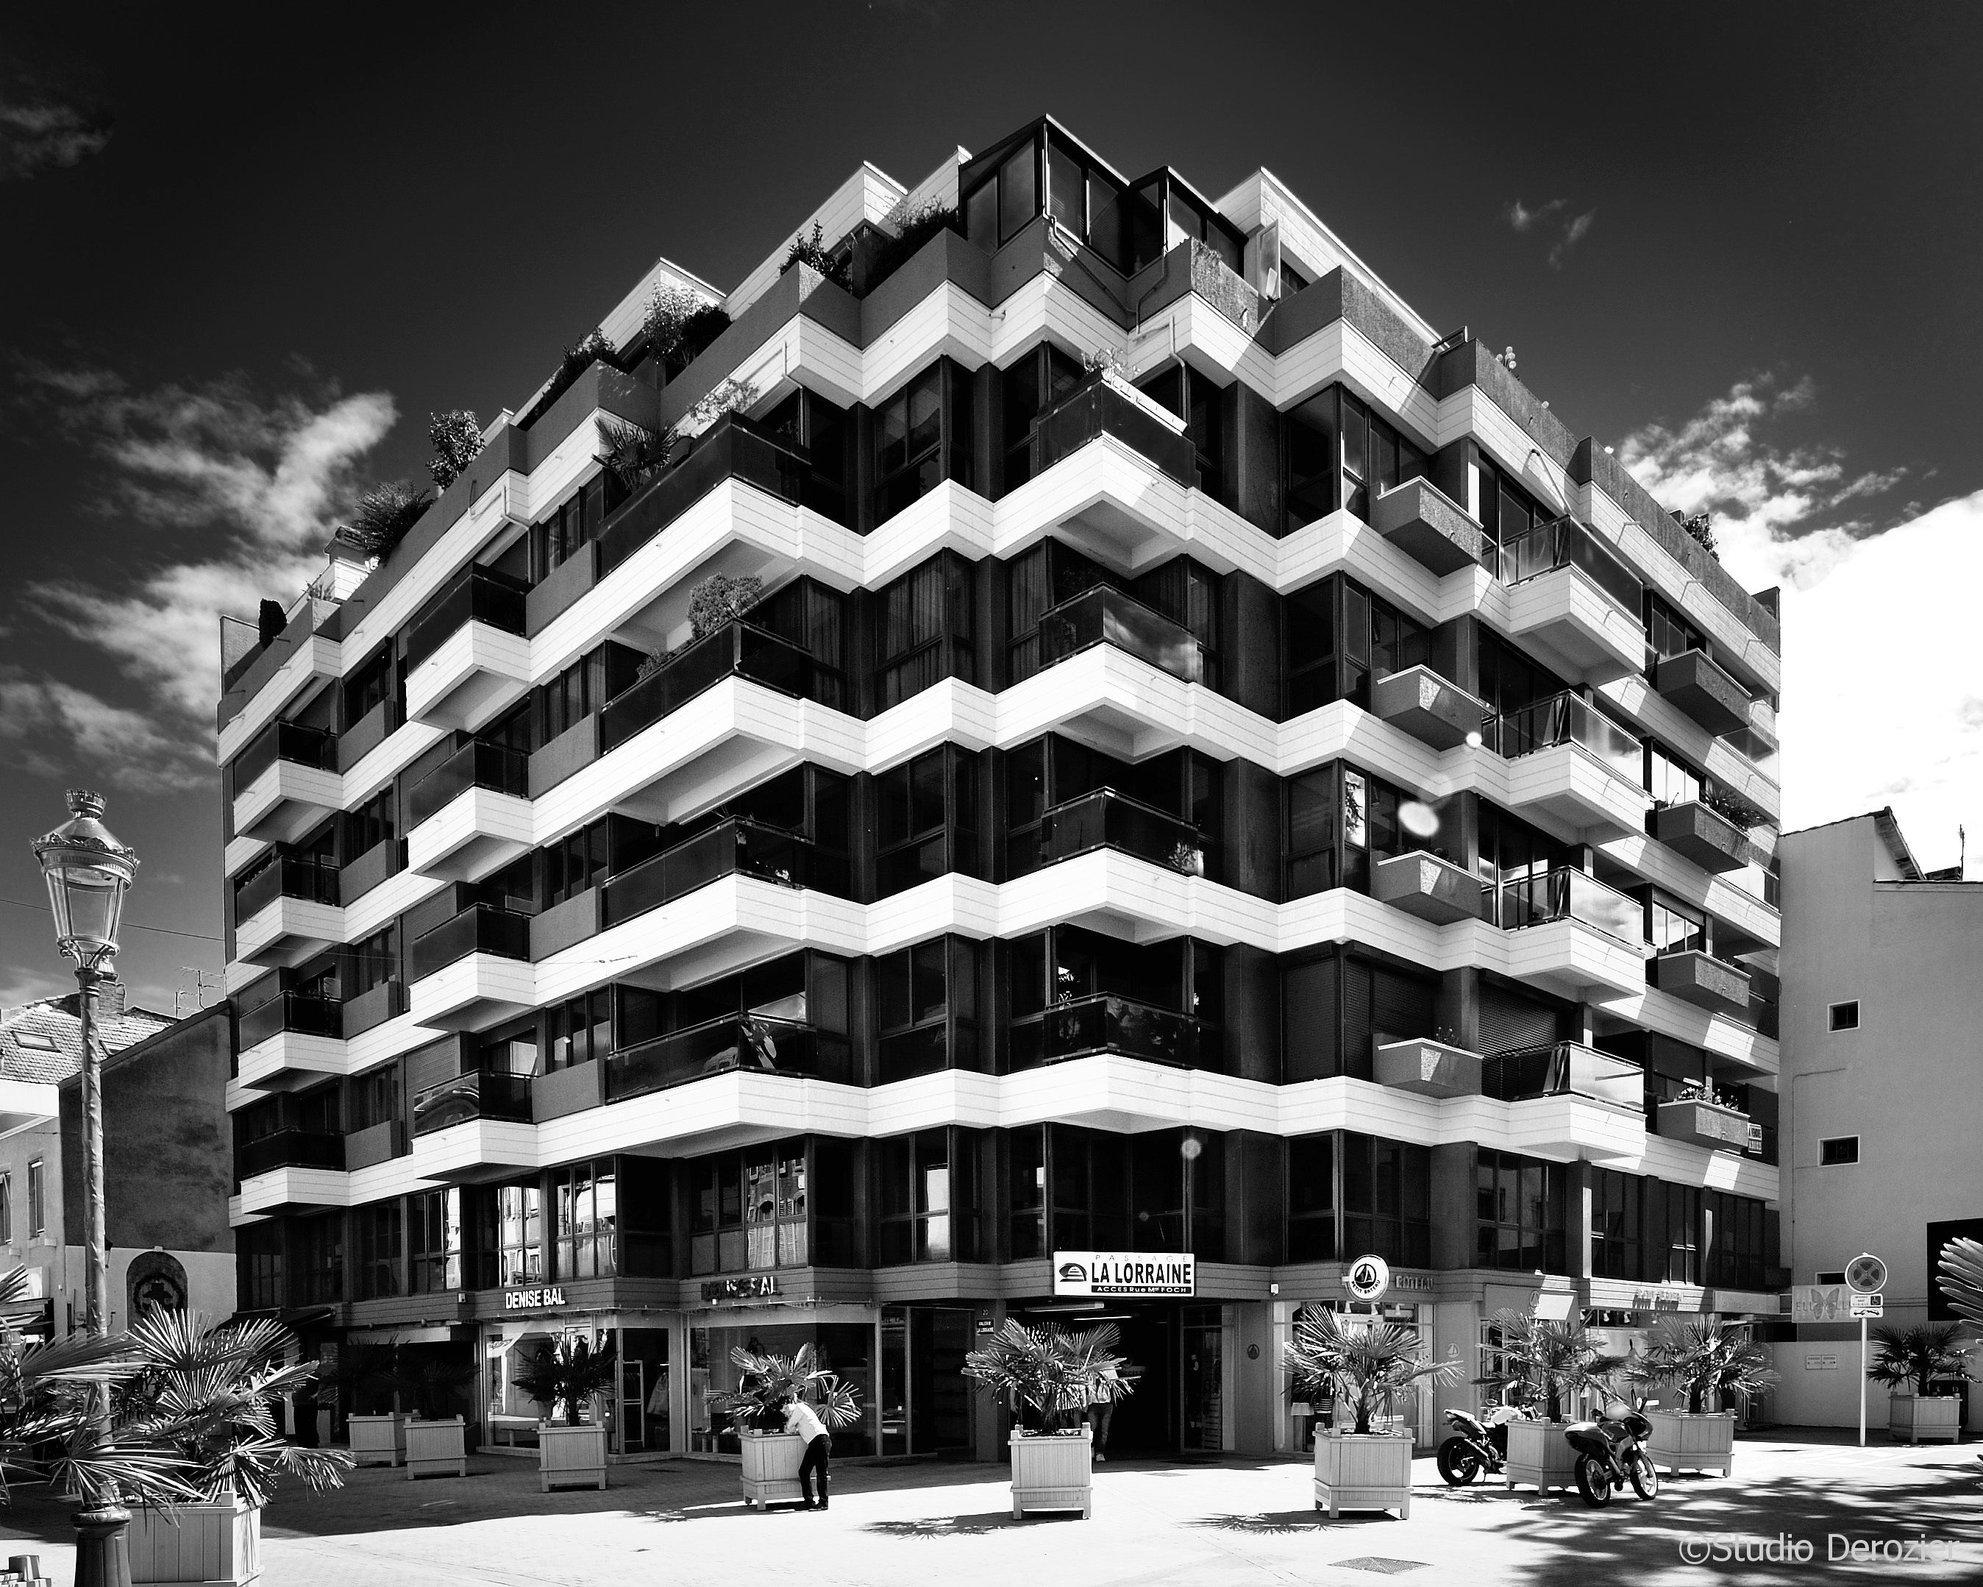 Architecture - La perspective - les lignes fuyantes - Graphisme